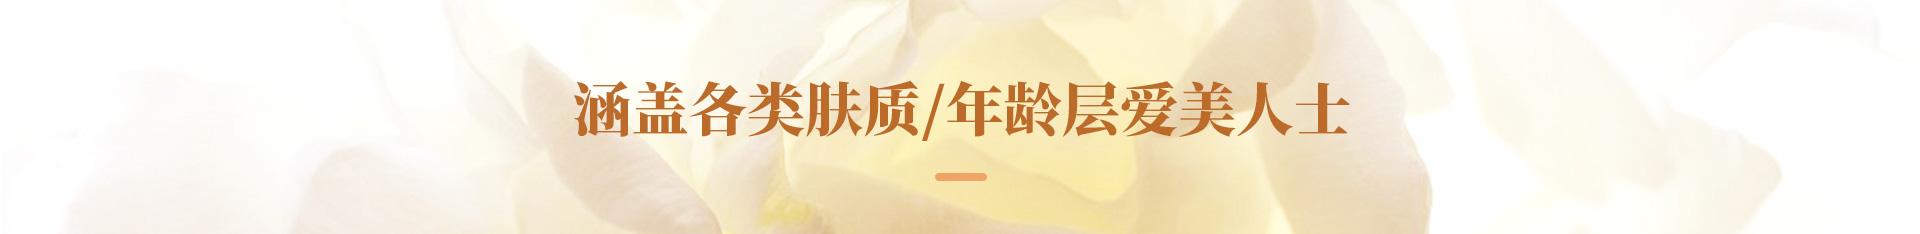 哈颜轻美详情_14